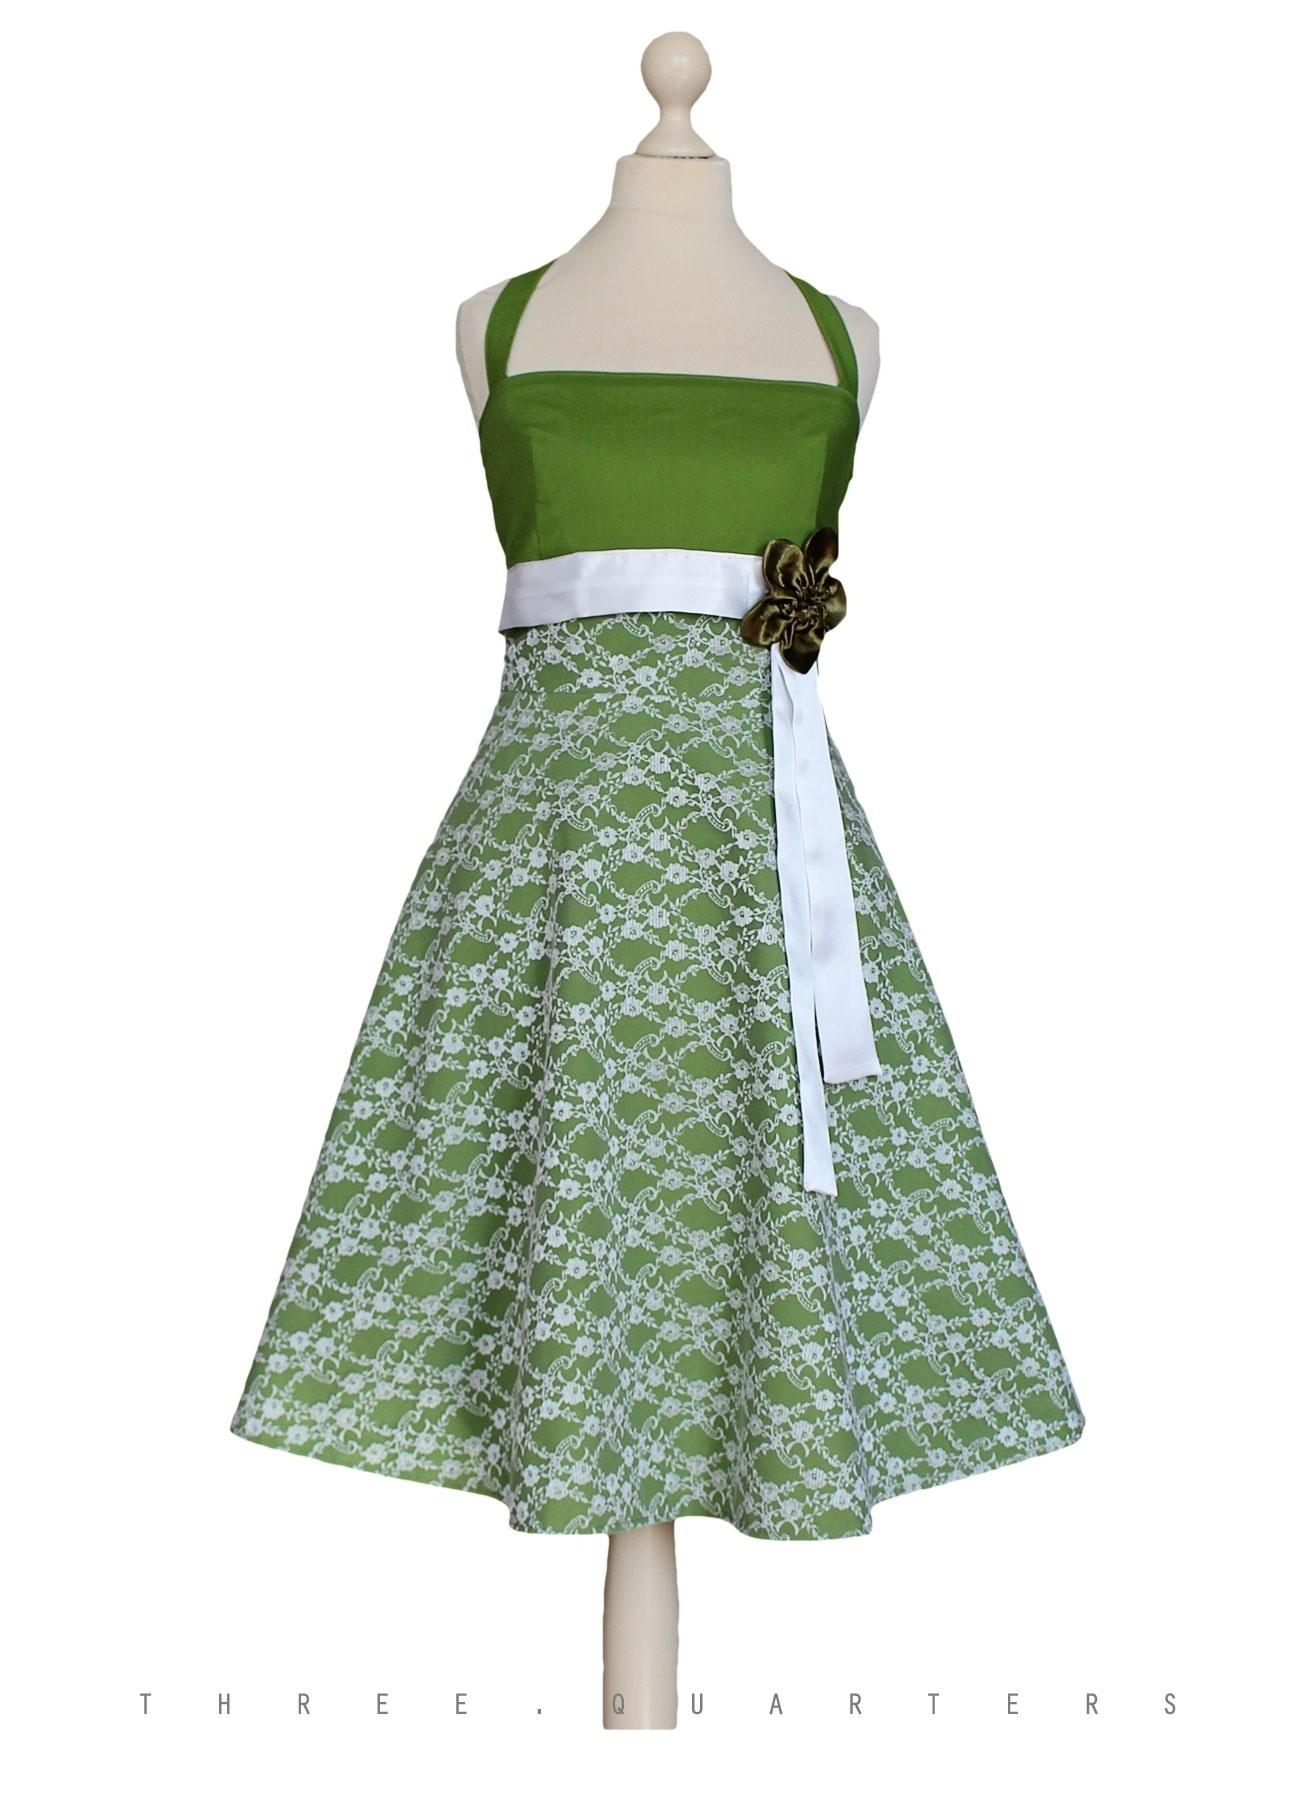 10 Genial Elegante Kleider Grün Design17 Einfach Elegante Kleider Grün Bester Preis